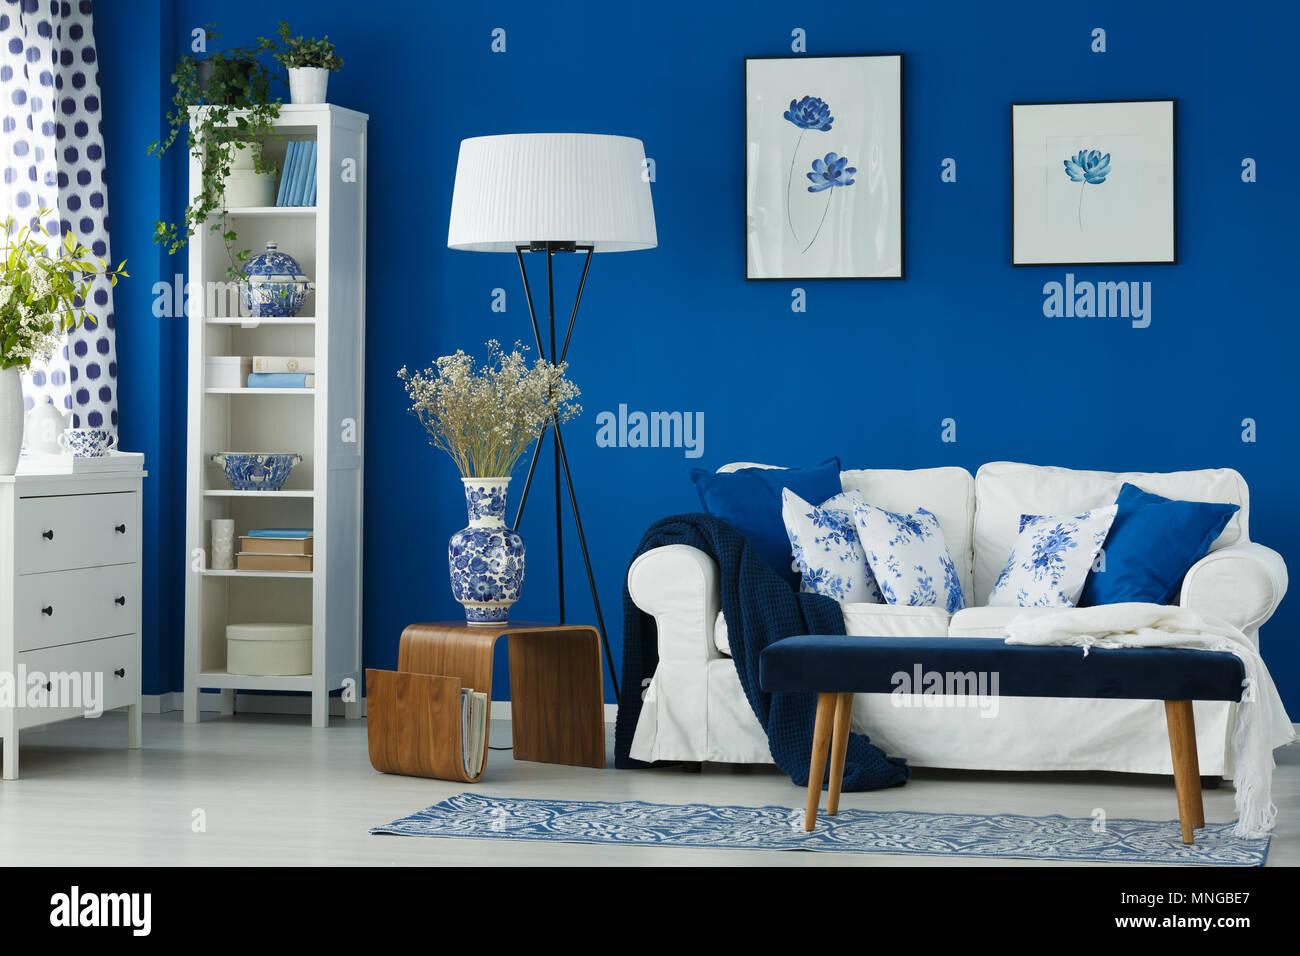 Gemütliches, stilvolles Wohnzimmer mit blauen Wänden Stockfoto